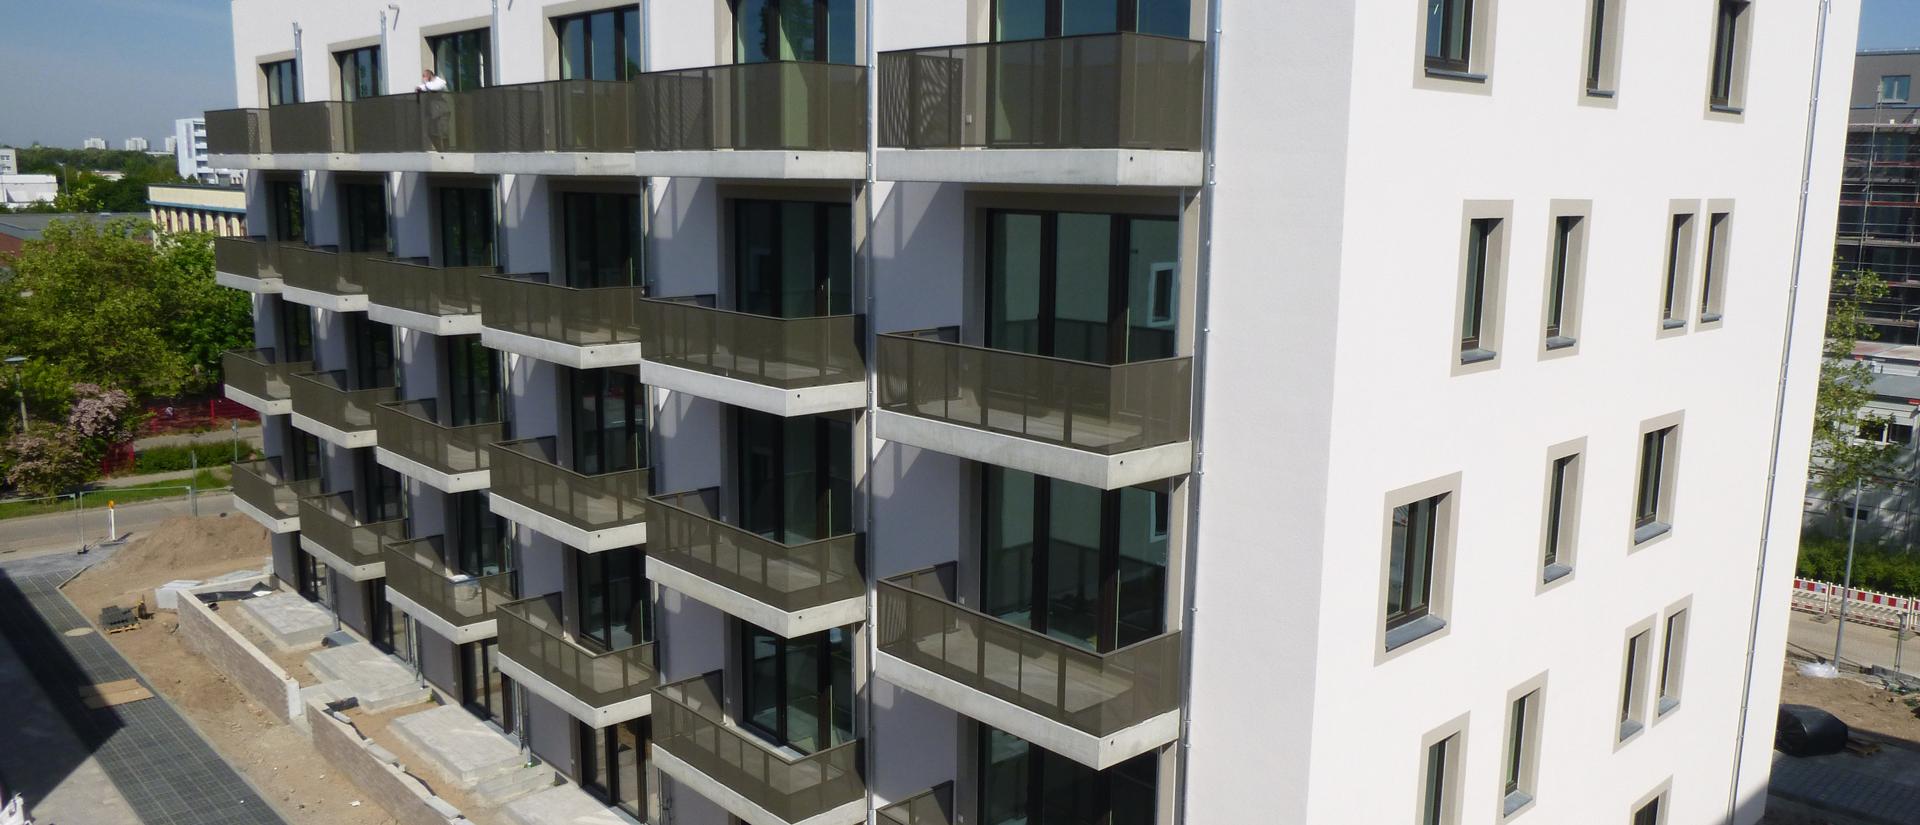 Blick auf die Baustelle - Wohngebäude Havelländer Ring